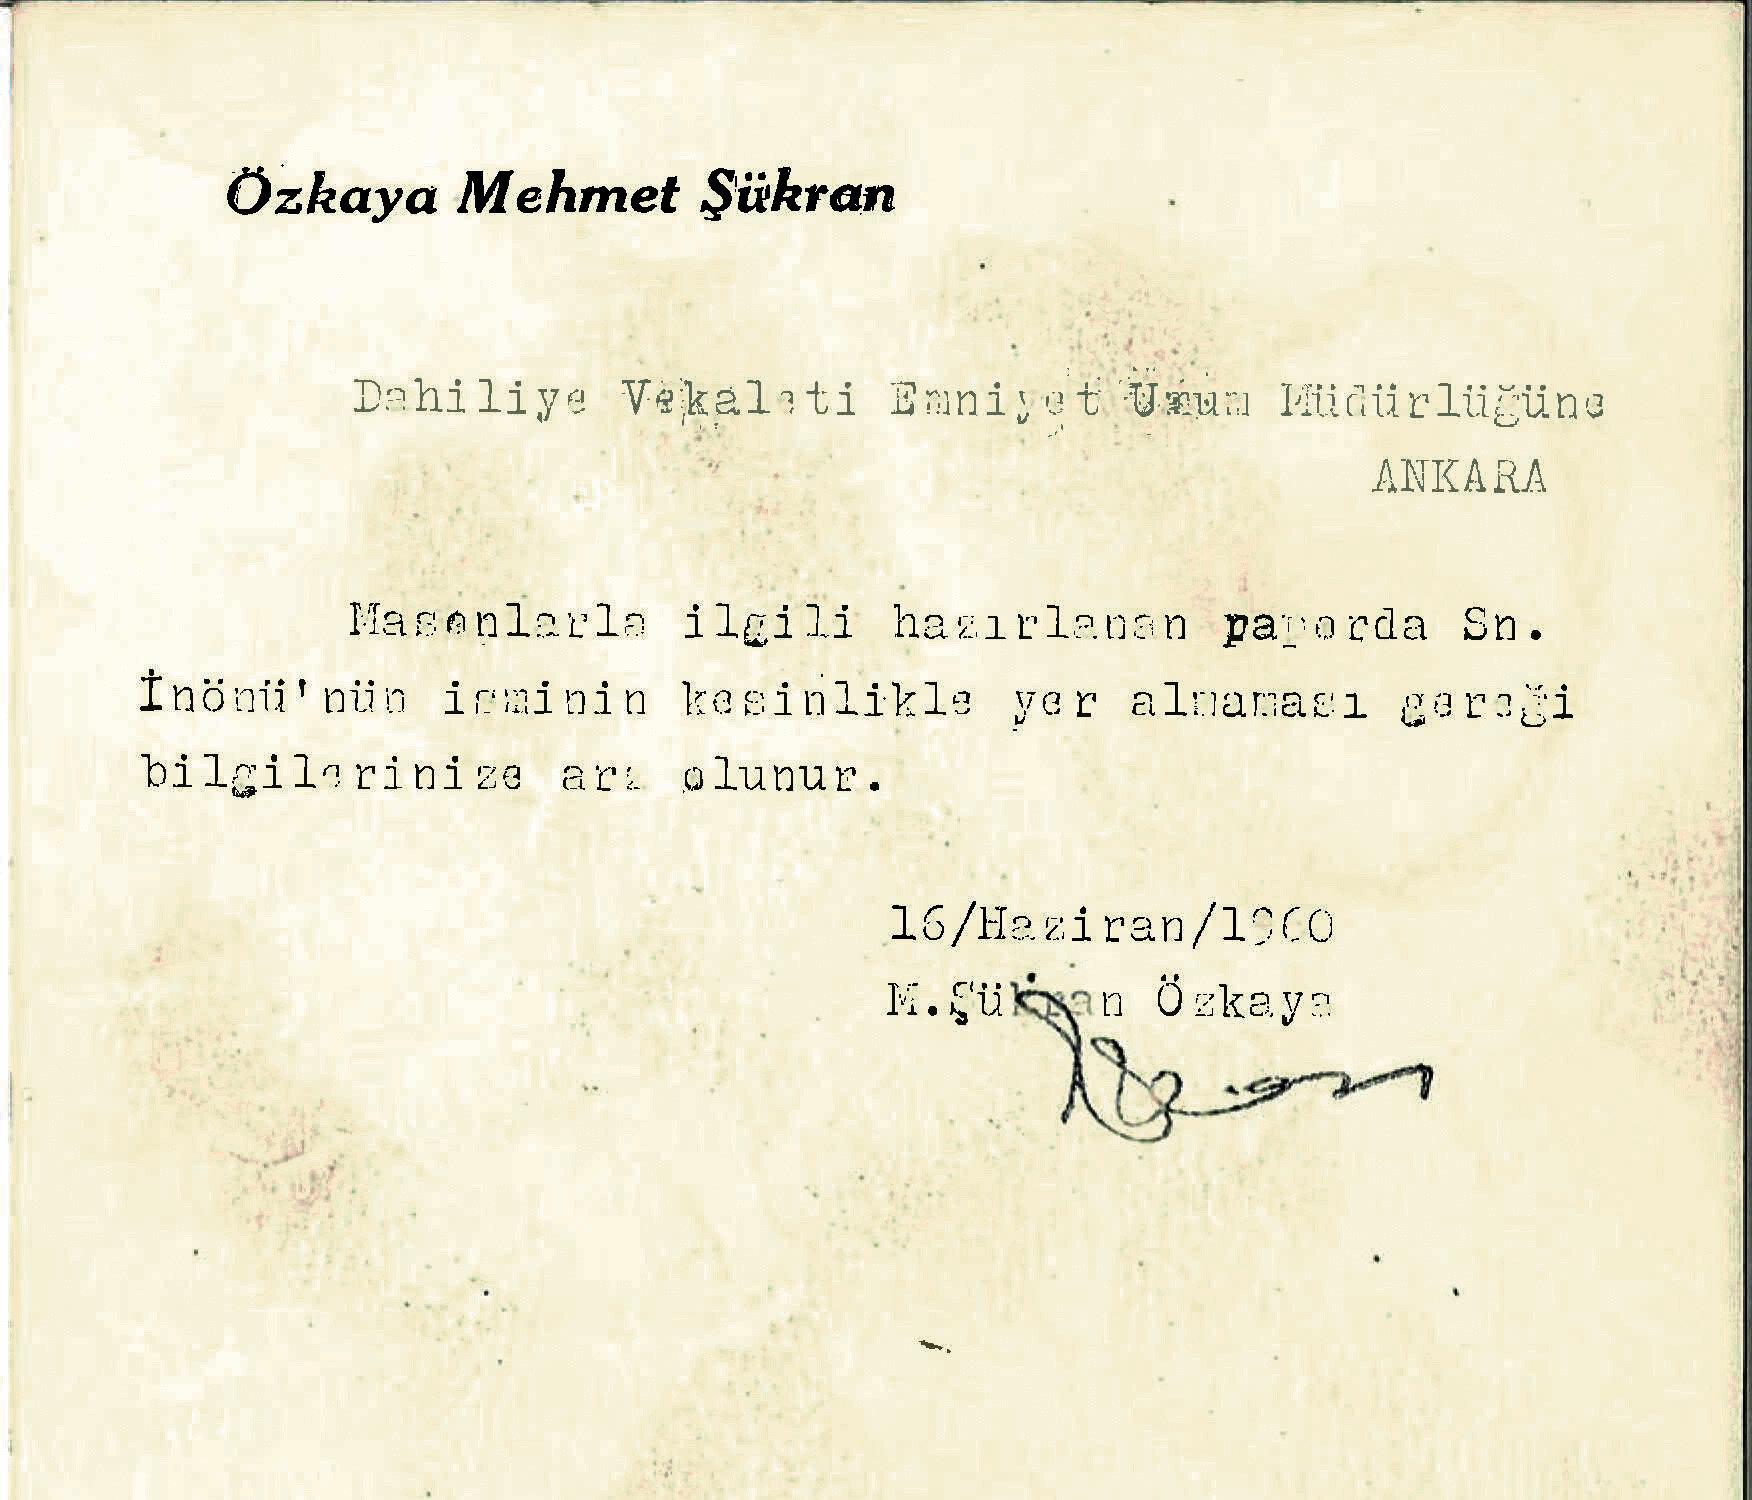 İnönü hakkında verilen talimatın belgesi